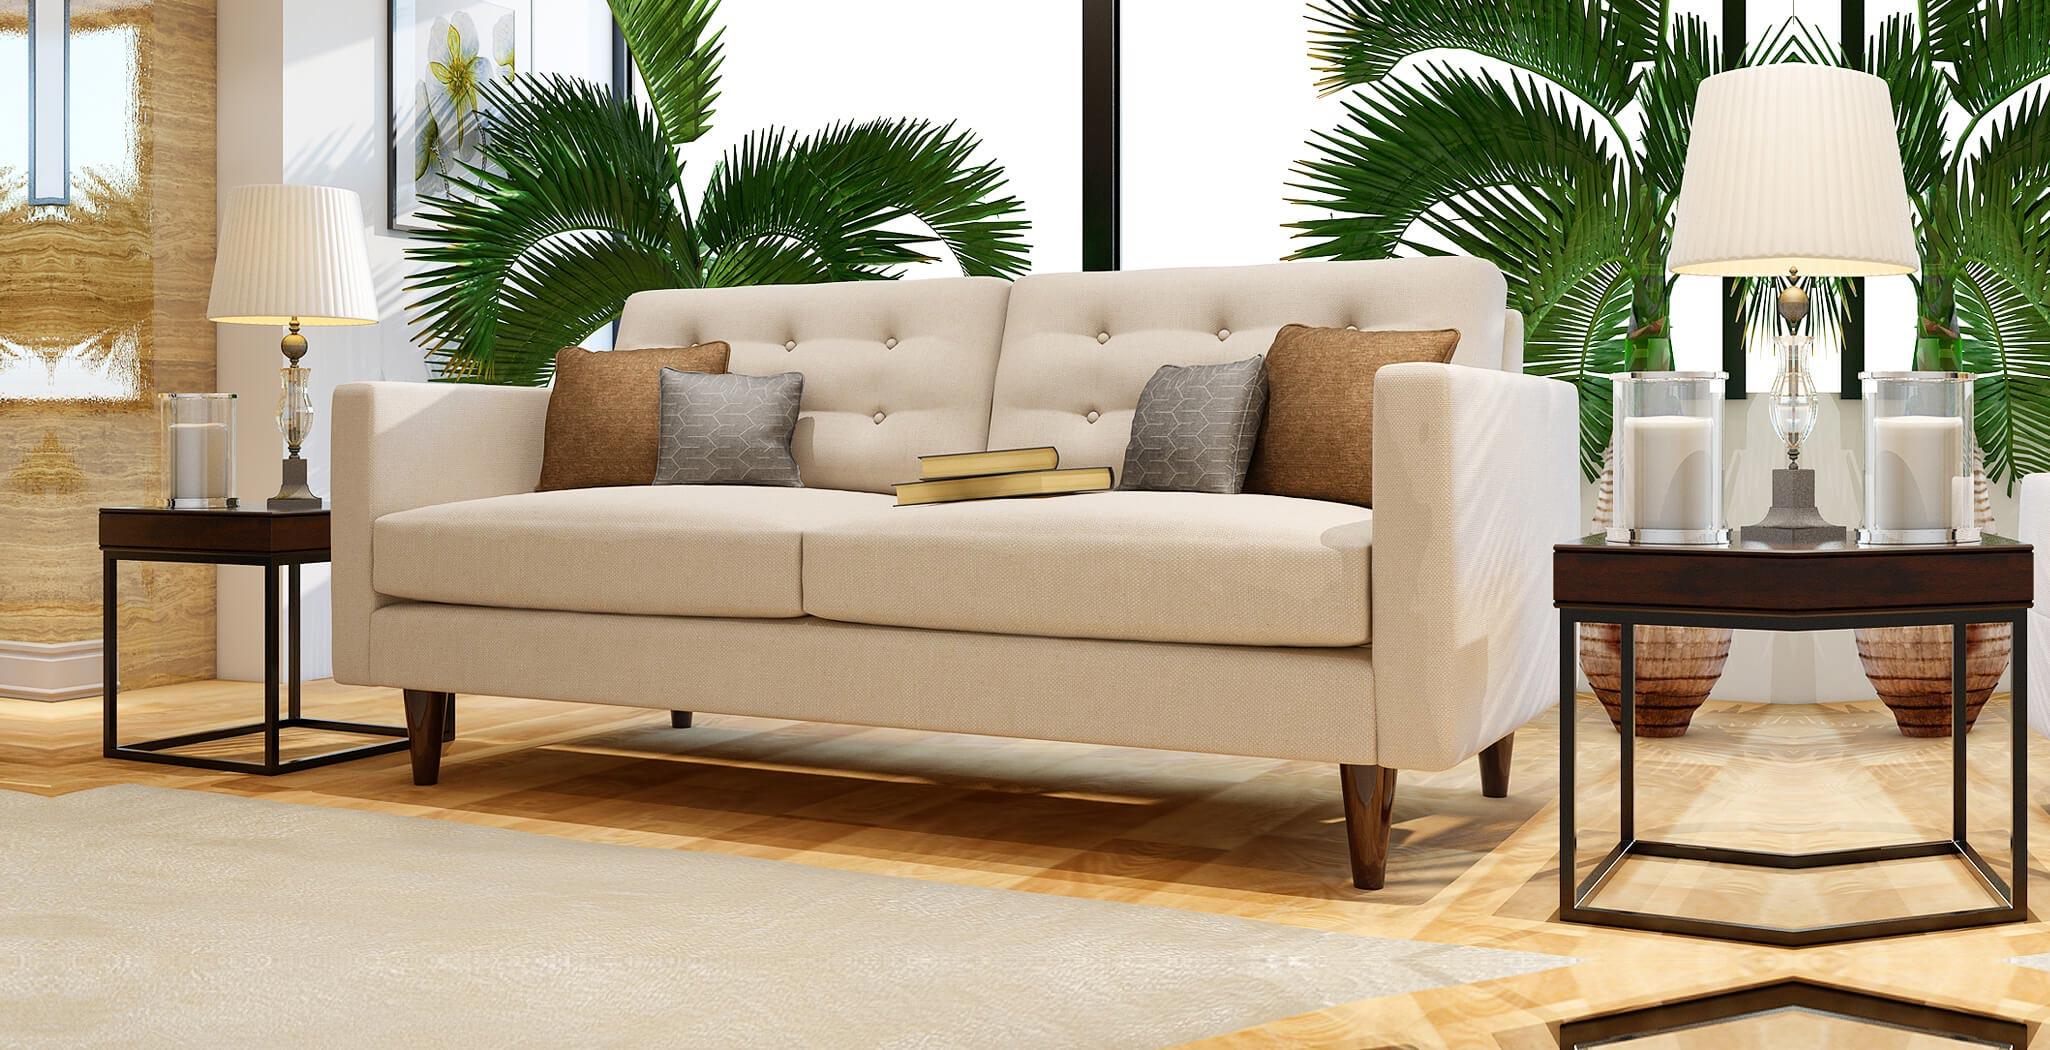 turin sofa furniture gallery 1